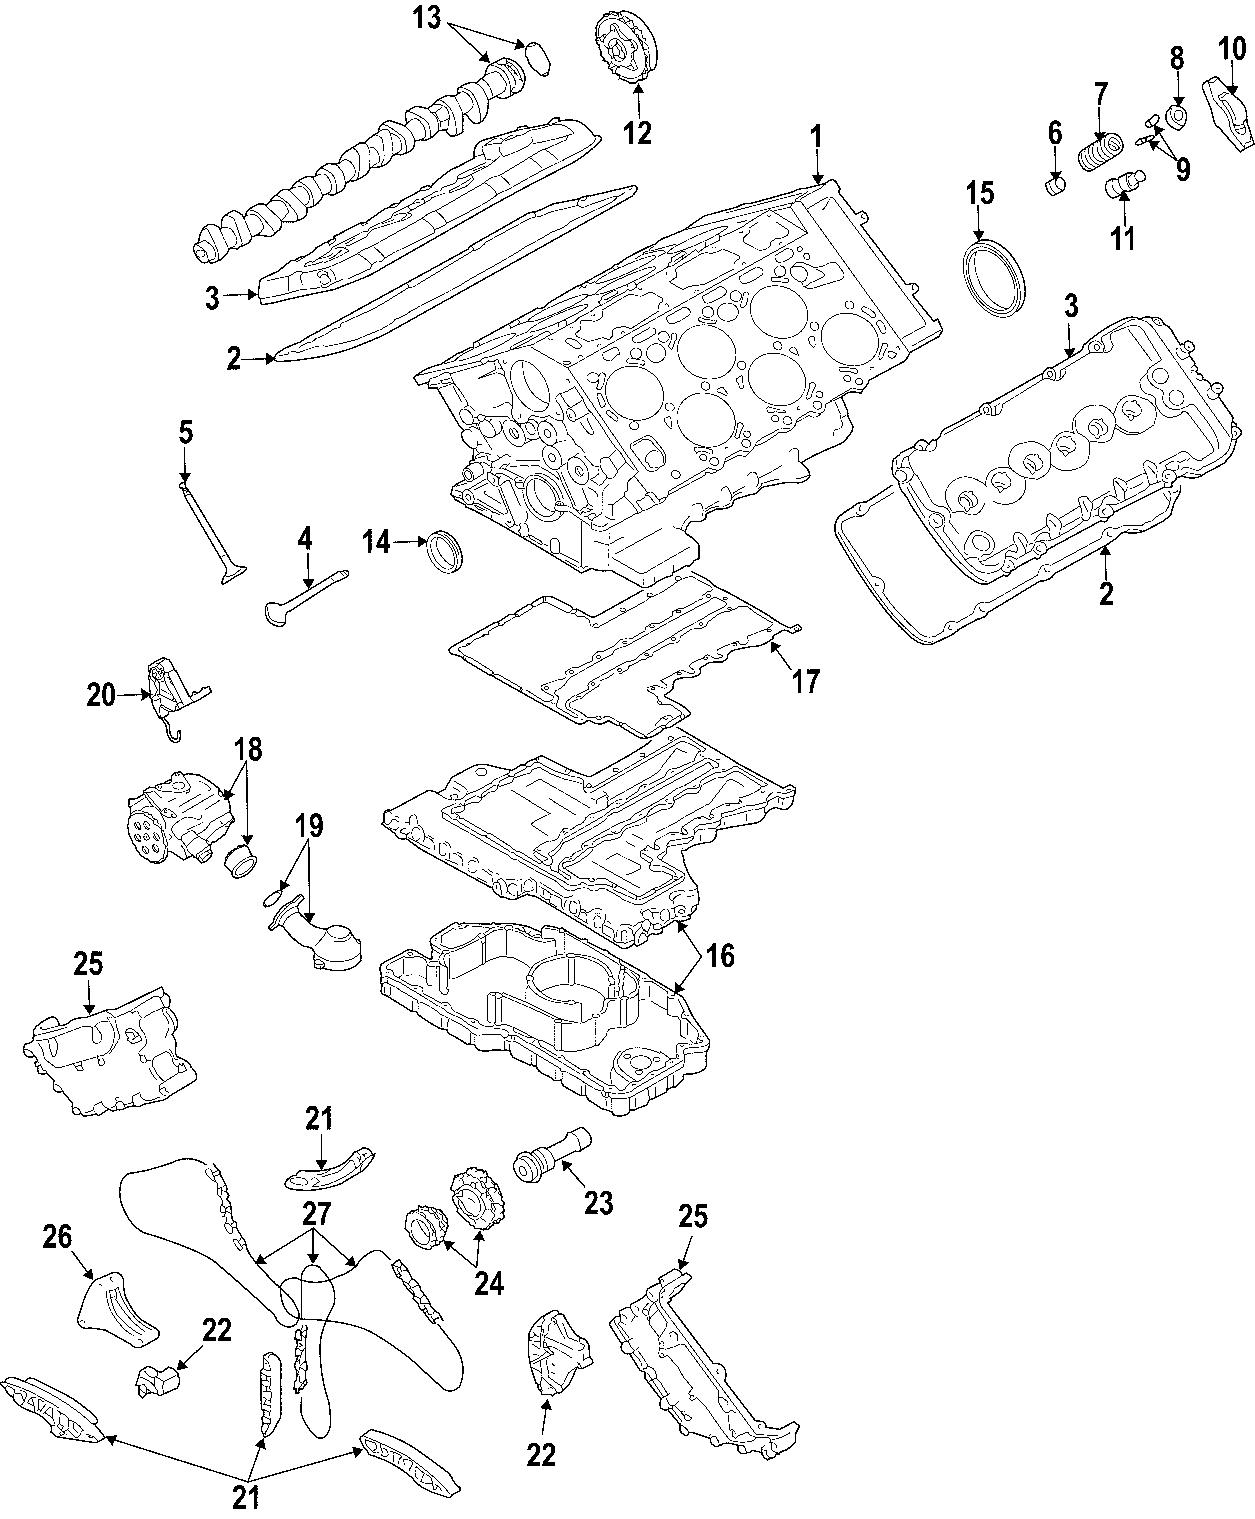 Volkswagen Phaeton Engine Timing Chain Upper Long